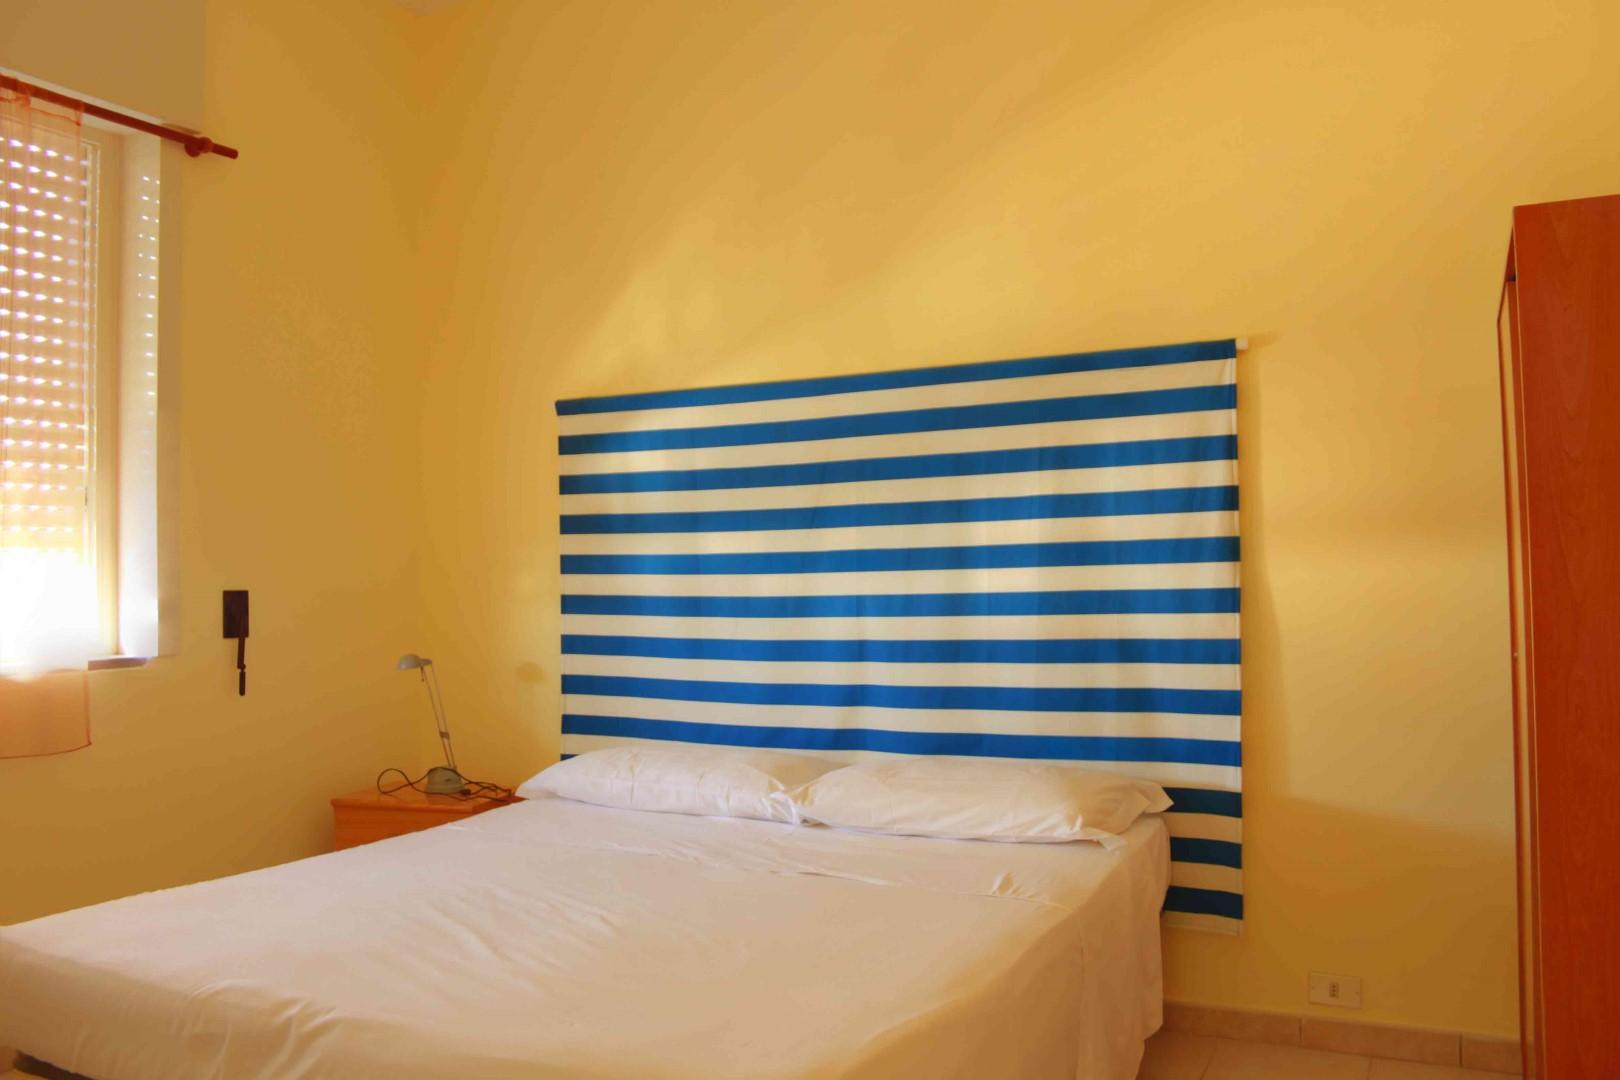 Le camere da letto degli appartamenti sono sobrie e confortevoli